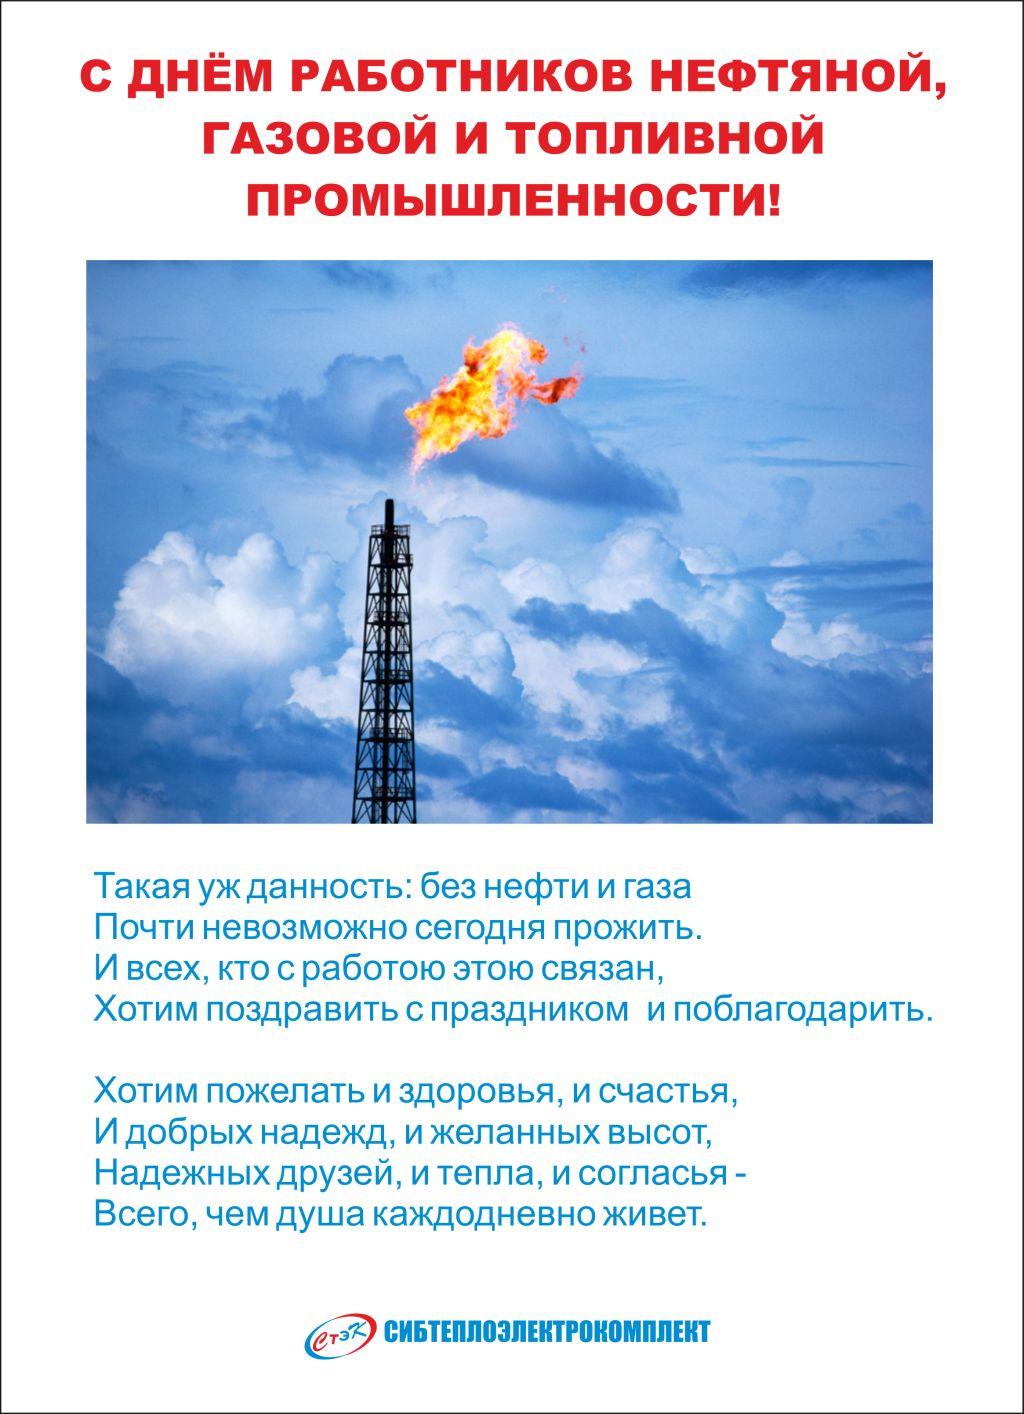 День газовика 2018 - Поздравок